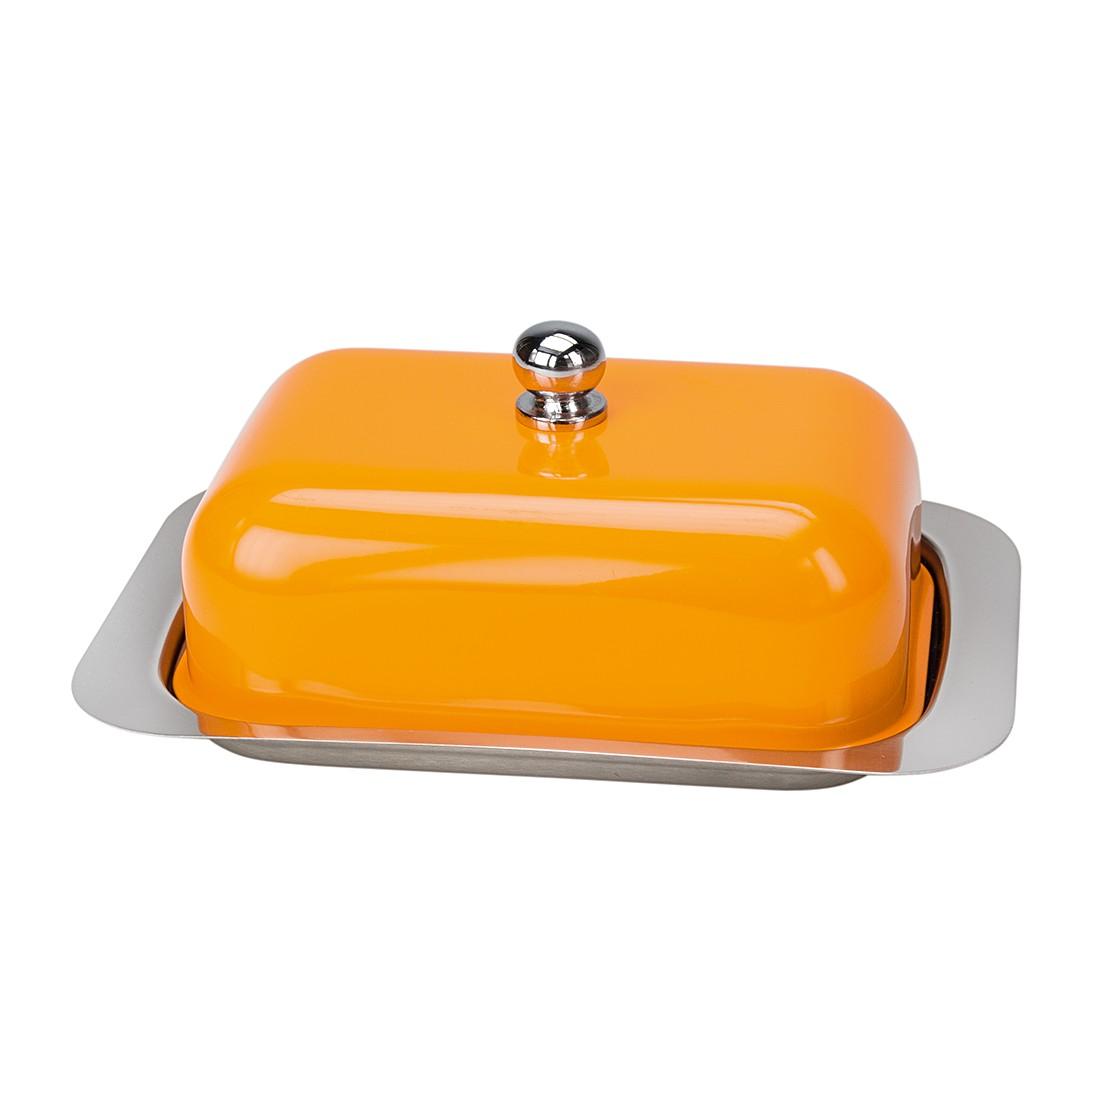 Butterdose Betty – Edelstahl Orange, Contento günstig bestellen